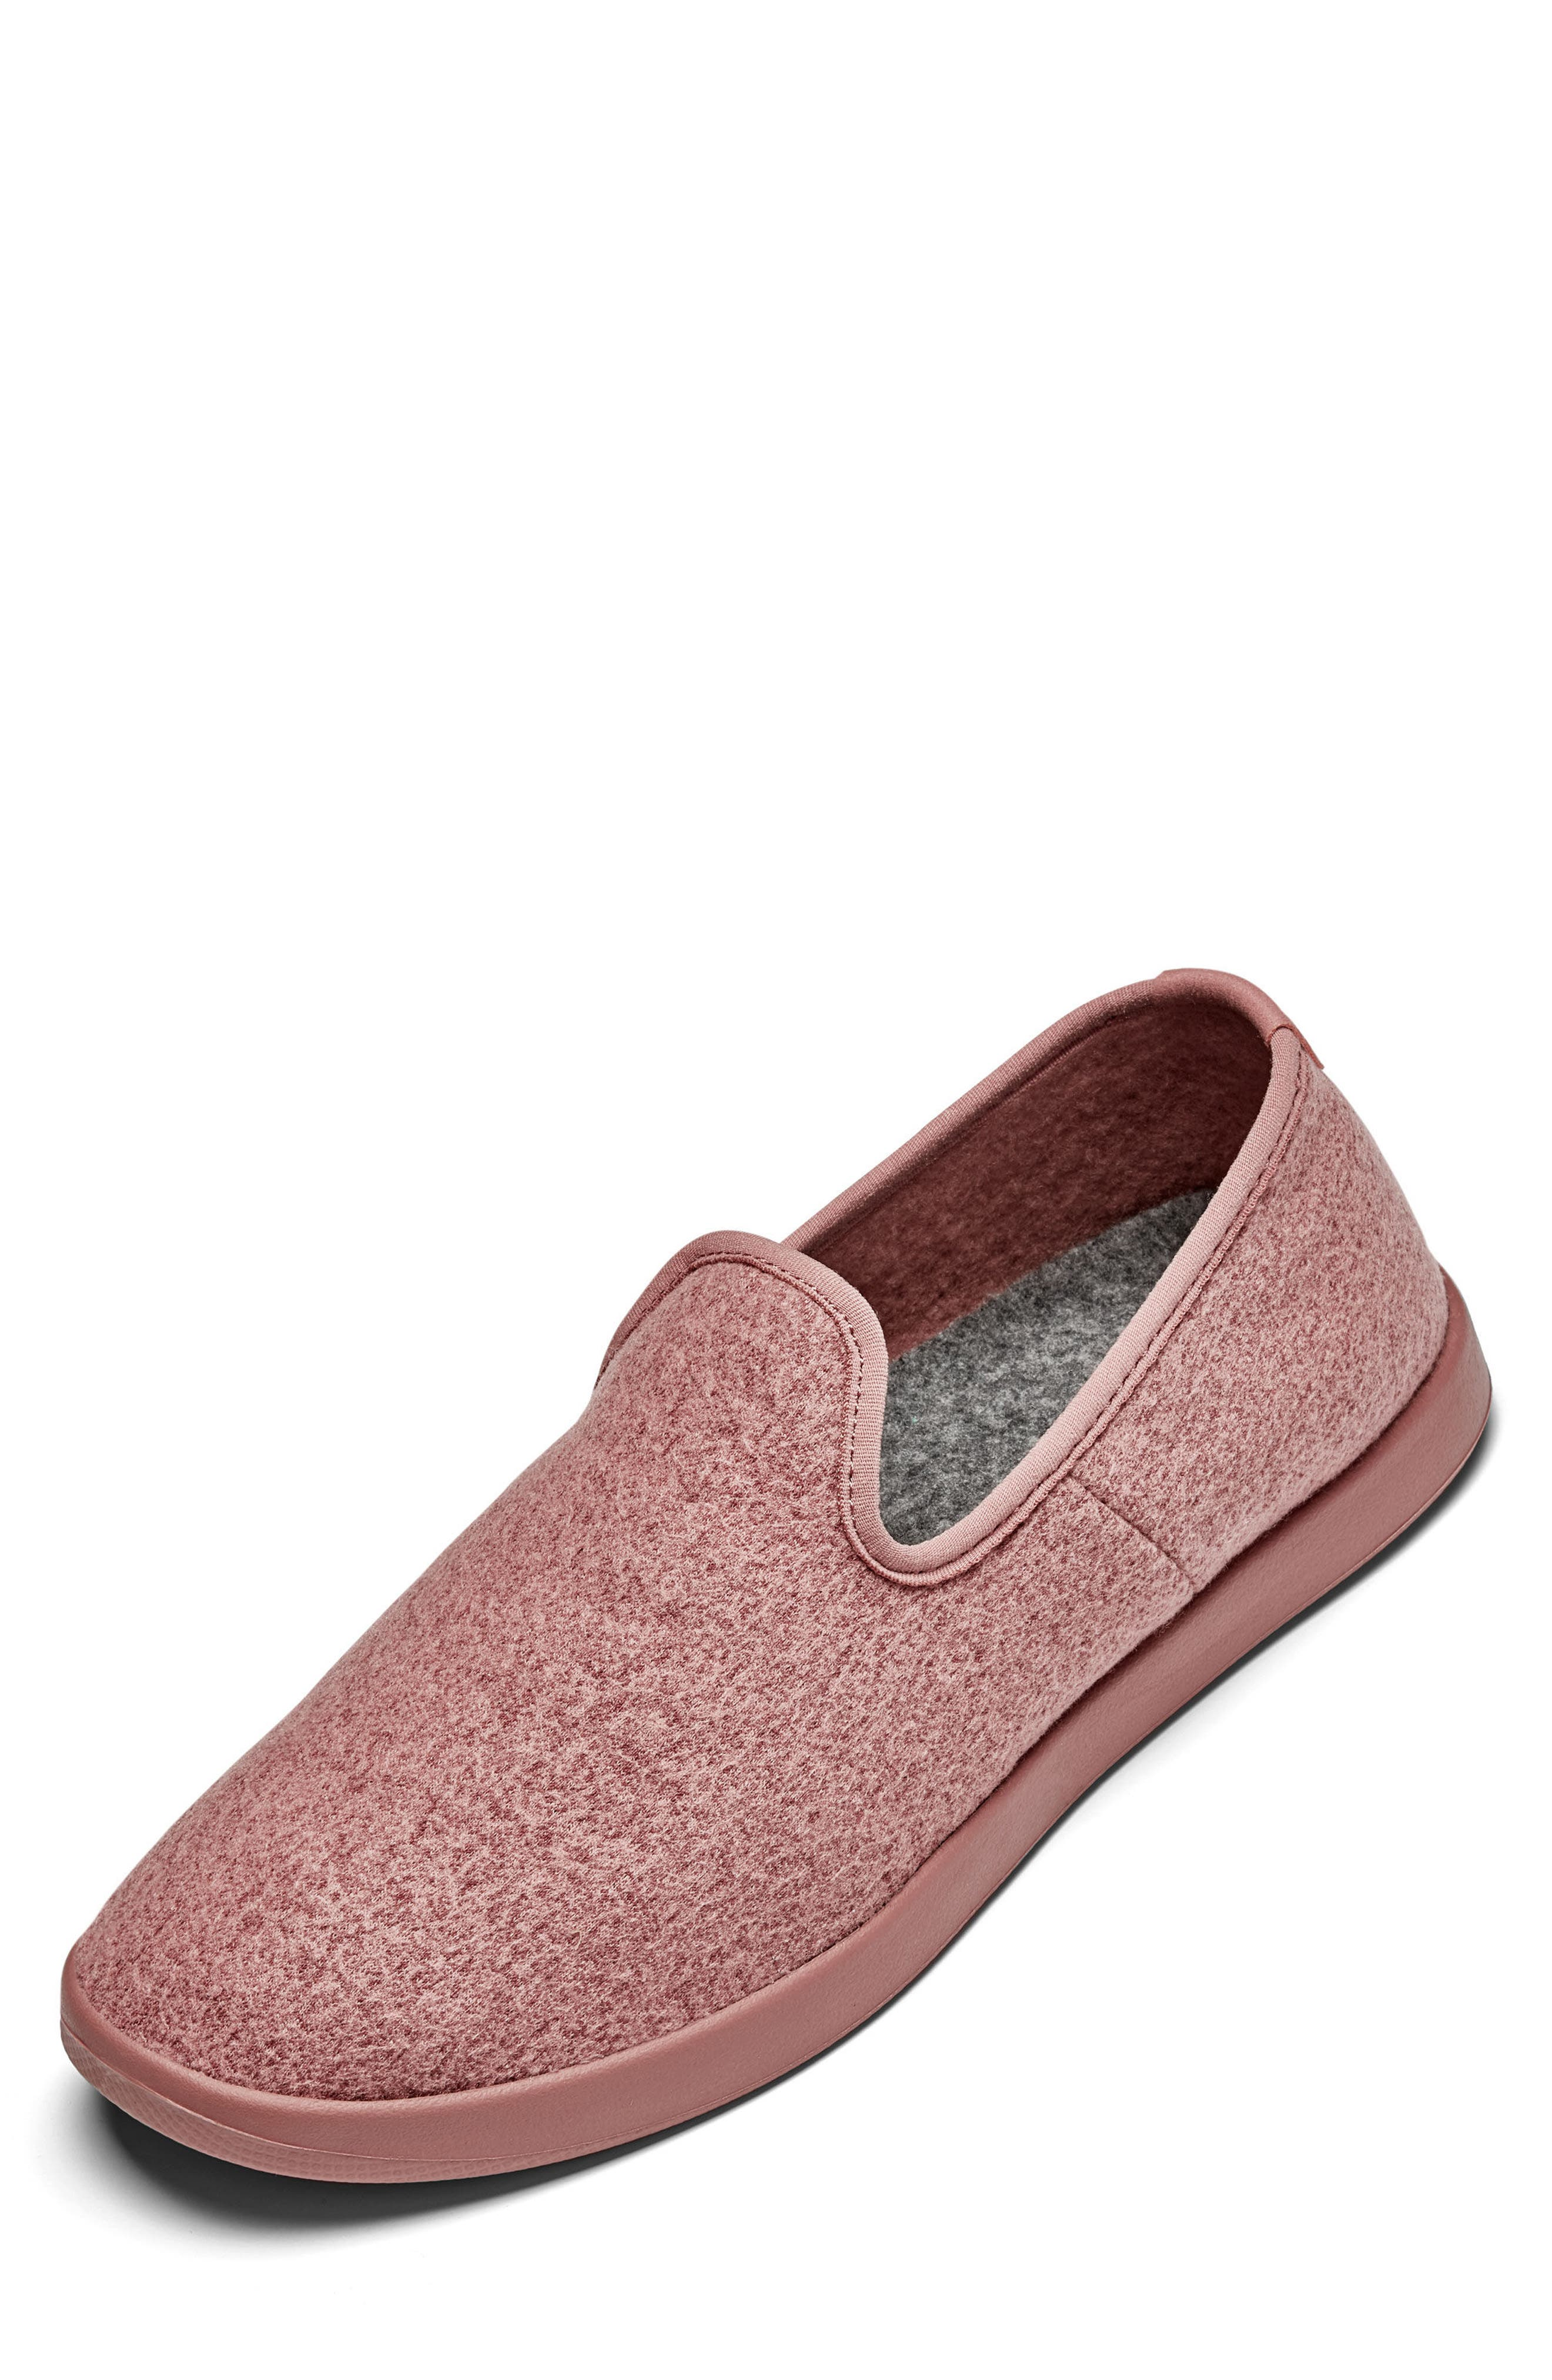 Moda In Pelle Estela Smart Loafer 1600172960 Women's Shoes Moda In Pelle Flats